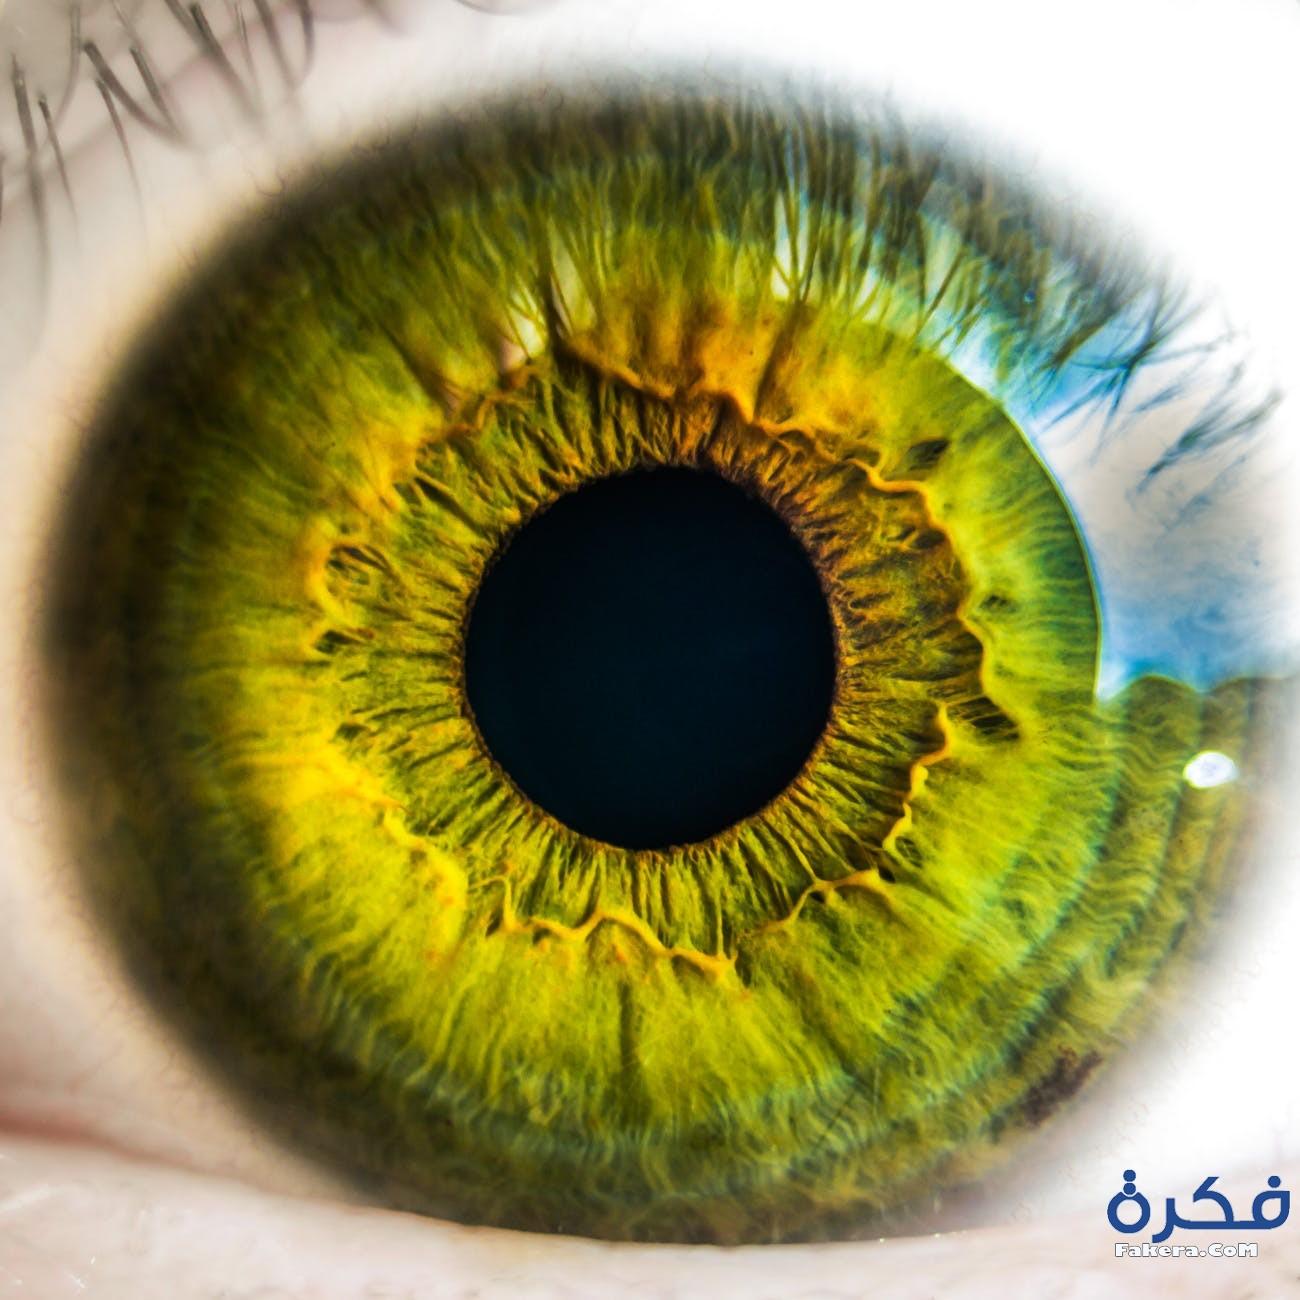 بوستات للعين